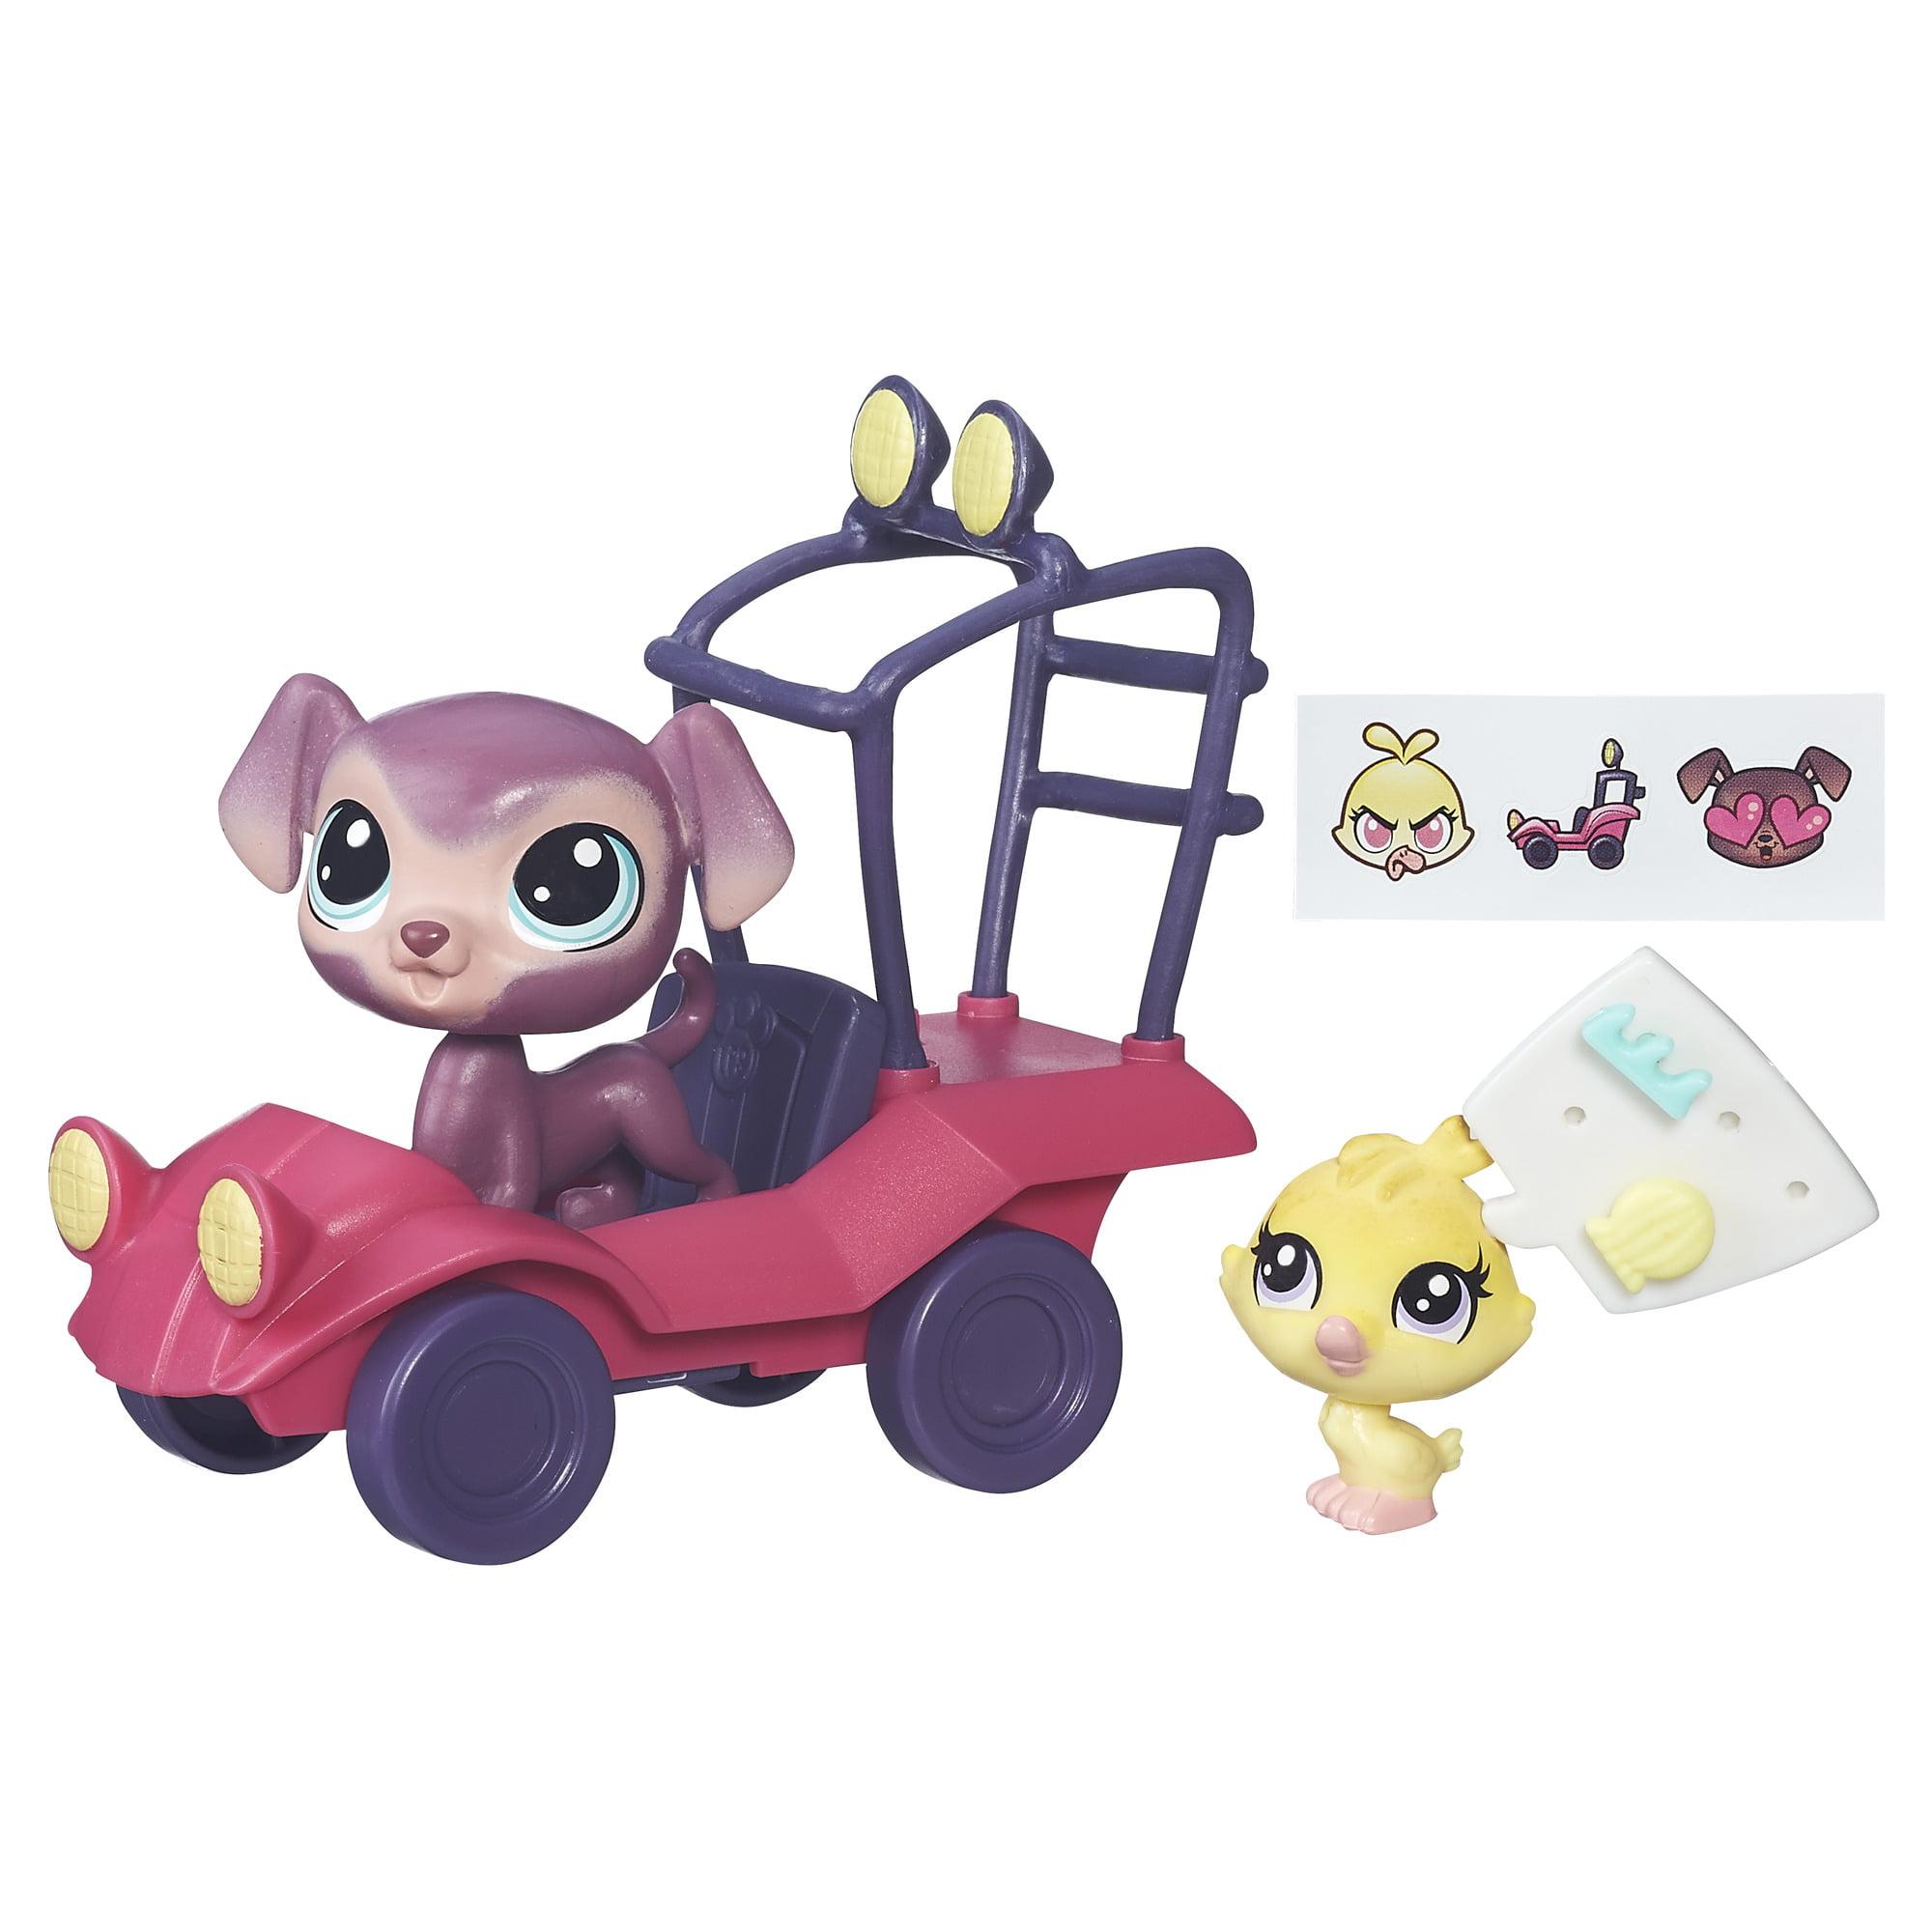 Littlest Pet Shop City Rides Bouncer Eagerton & Quackie Fairfeather Vehicle & Figure